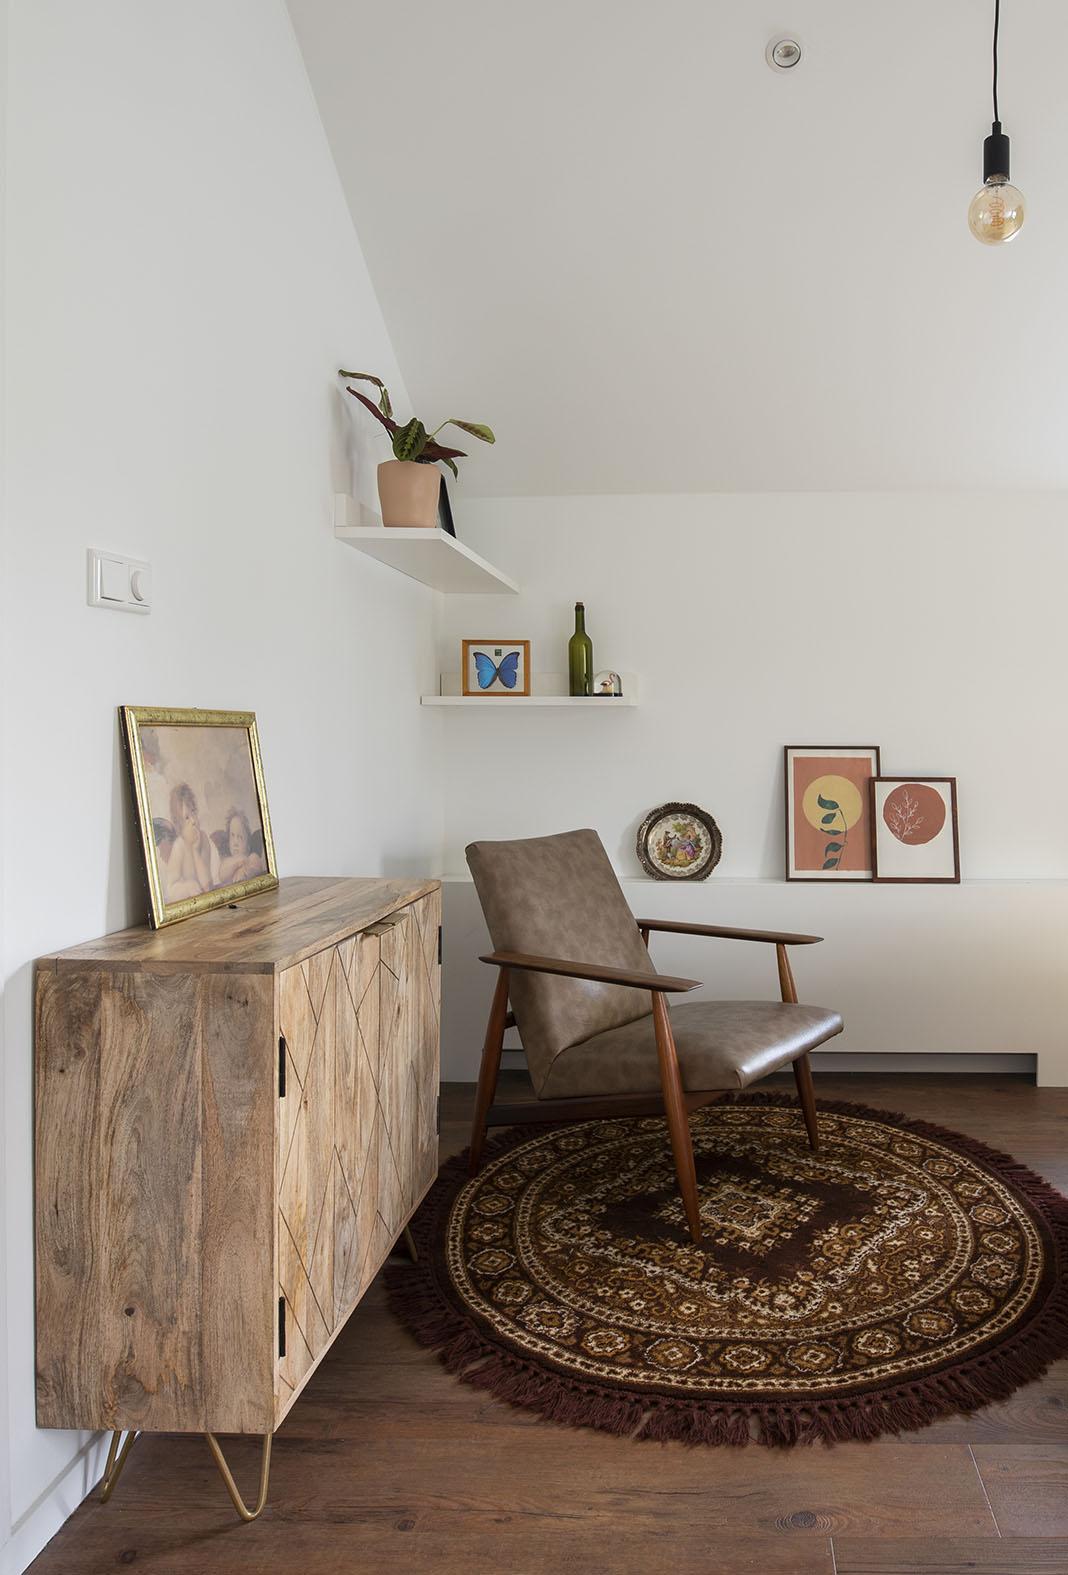 Slaapkamer vintage interieuradvies slaapkameradvies Den Bosch groen behang kleine zolder slaapkamer schuin dak interieuradvies